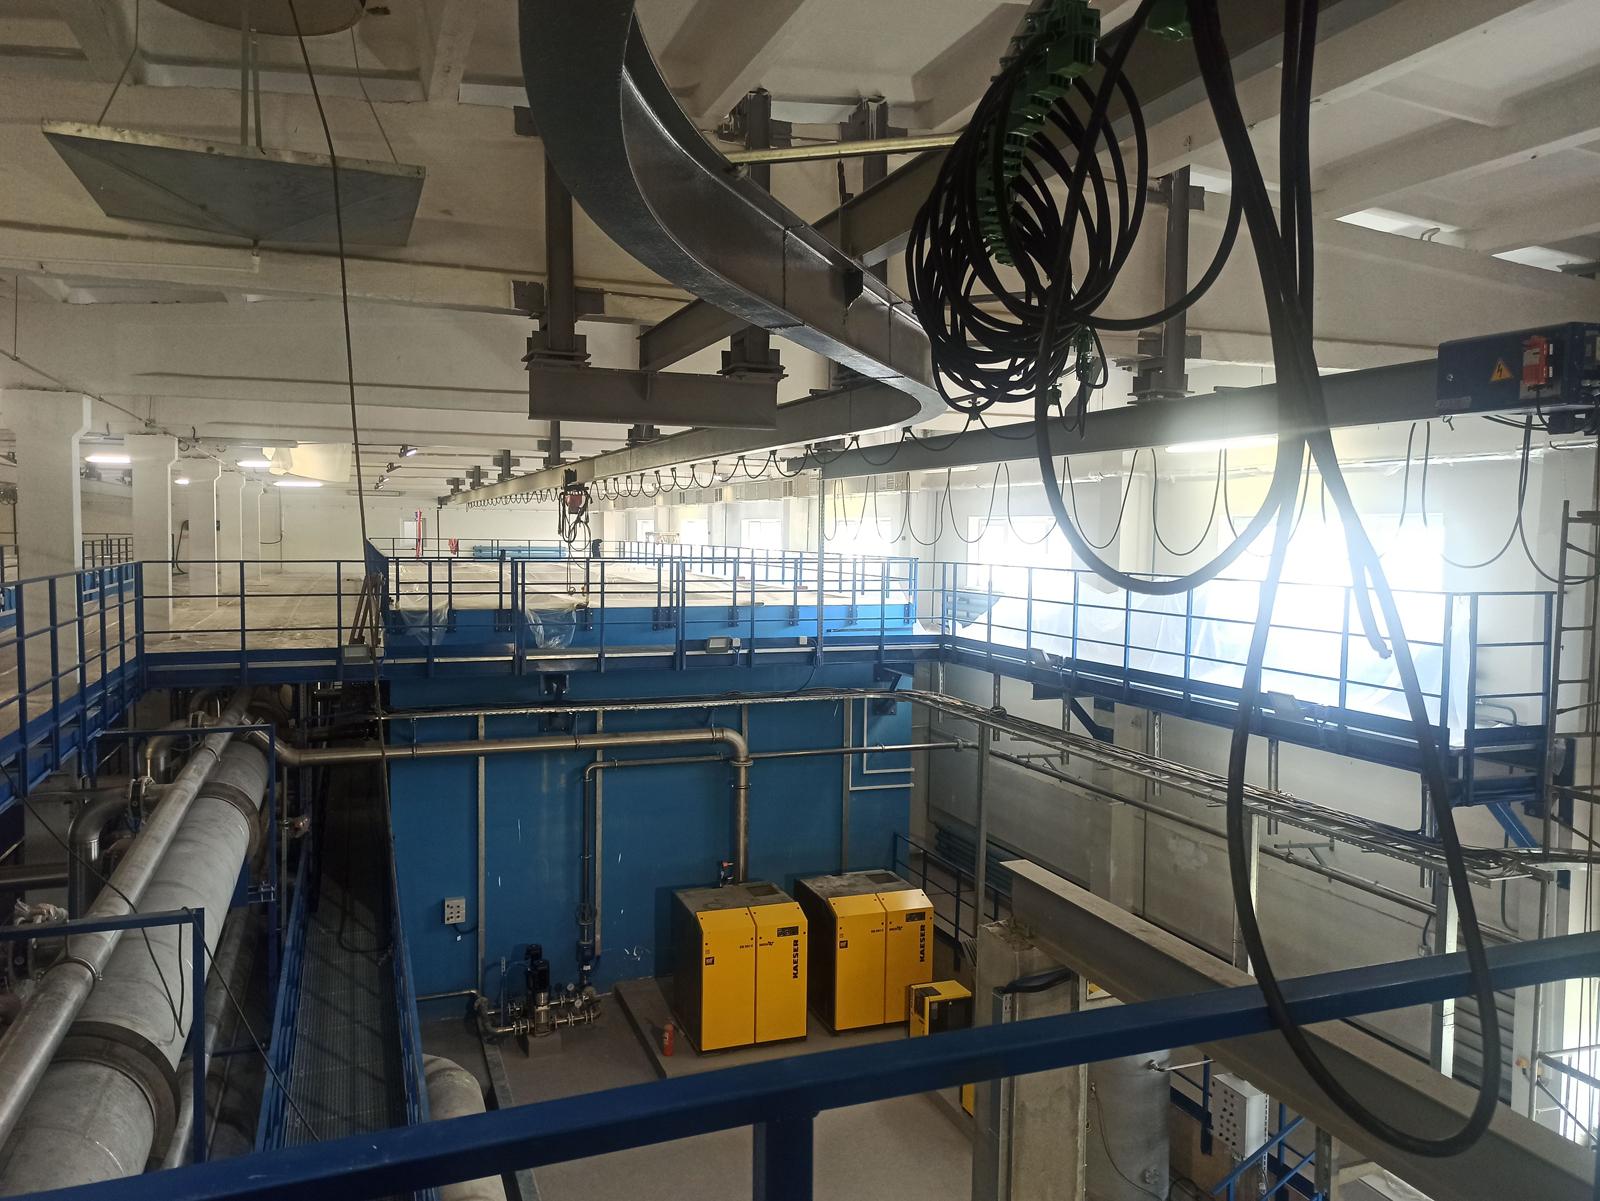 Реконструкция и модернизация очистных сооружений хоз-питьевого водоснабжения, производительностью 55,0 тыс.м3/сут.